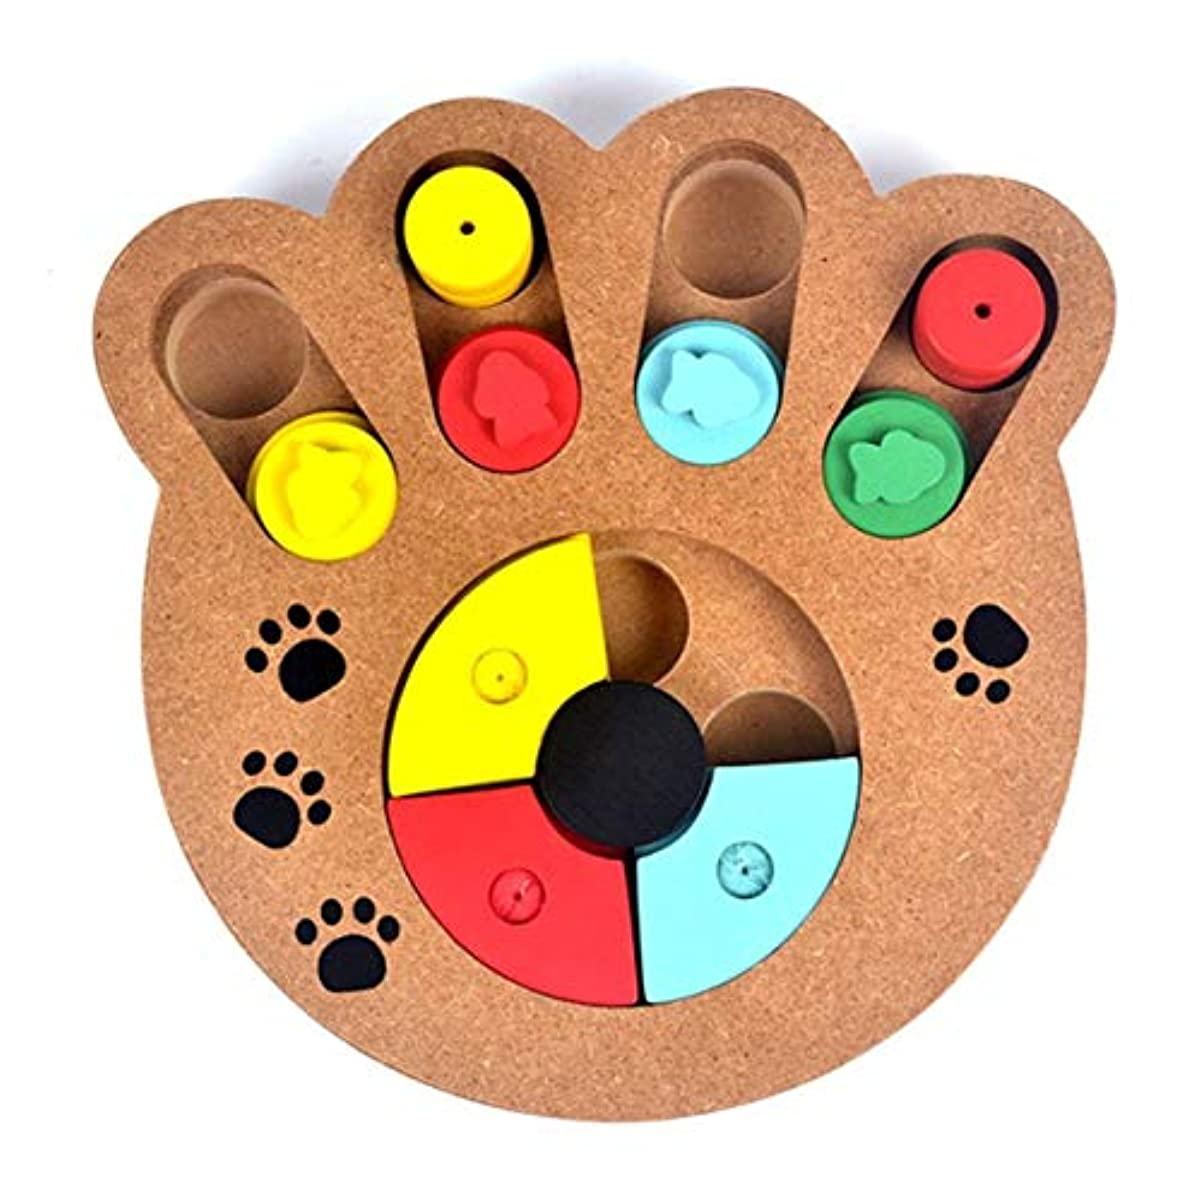 医療の警報クライストチャーチSaikogoods 多機能の自然食品は 子犬犬猫ペット用品のための木製教育ポウパズルインタラクティブ玩具扱い マルチカラーミックス